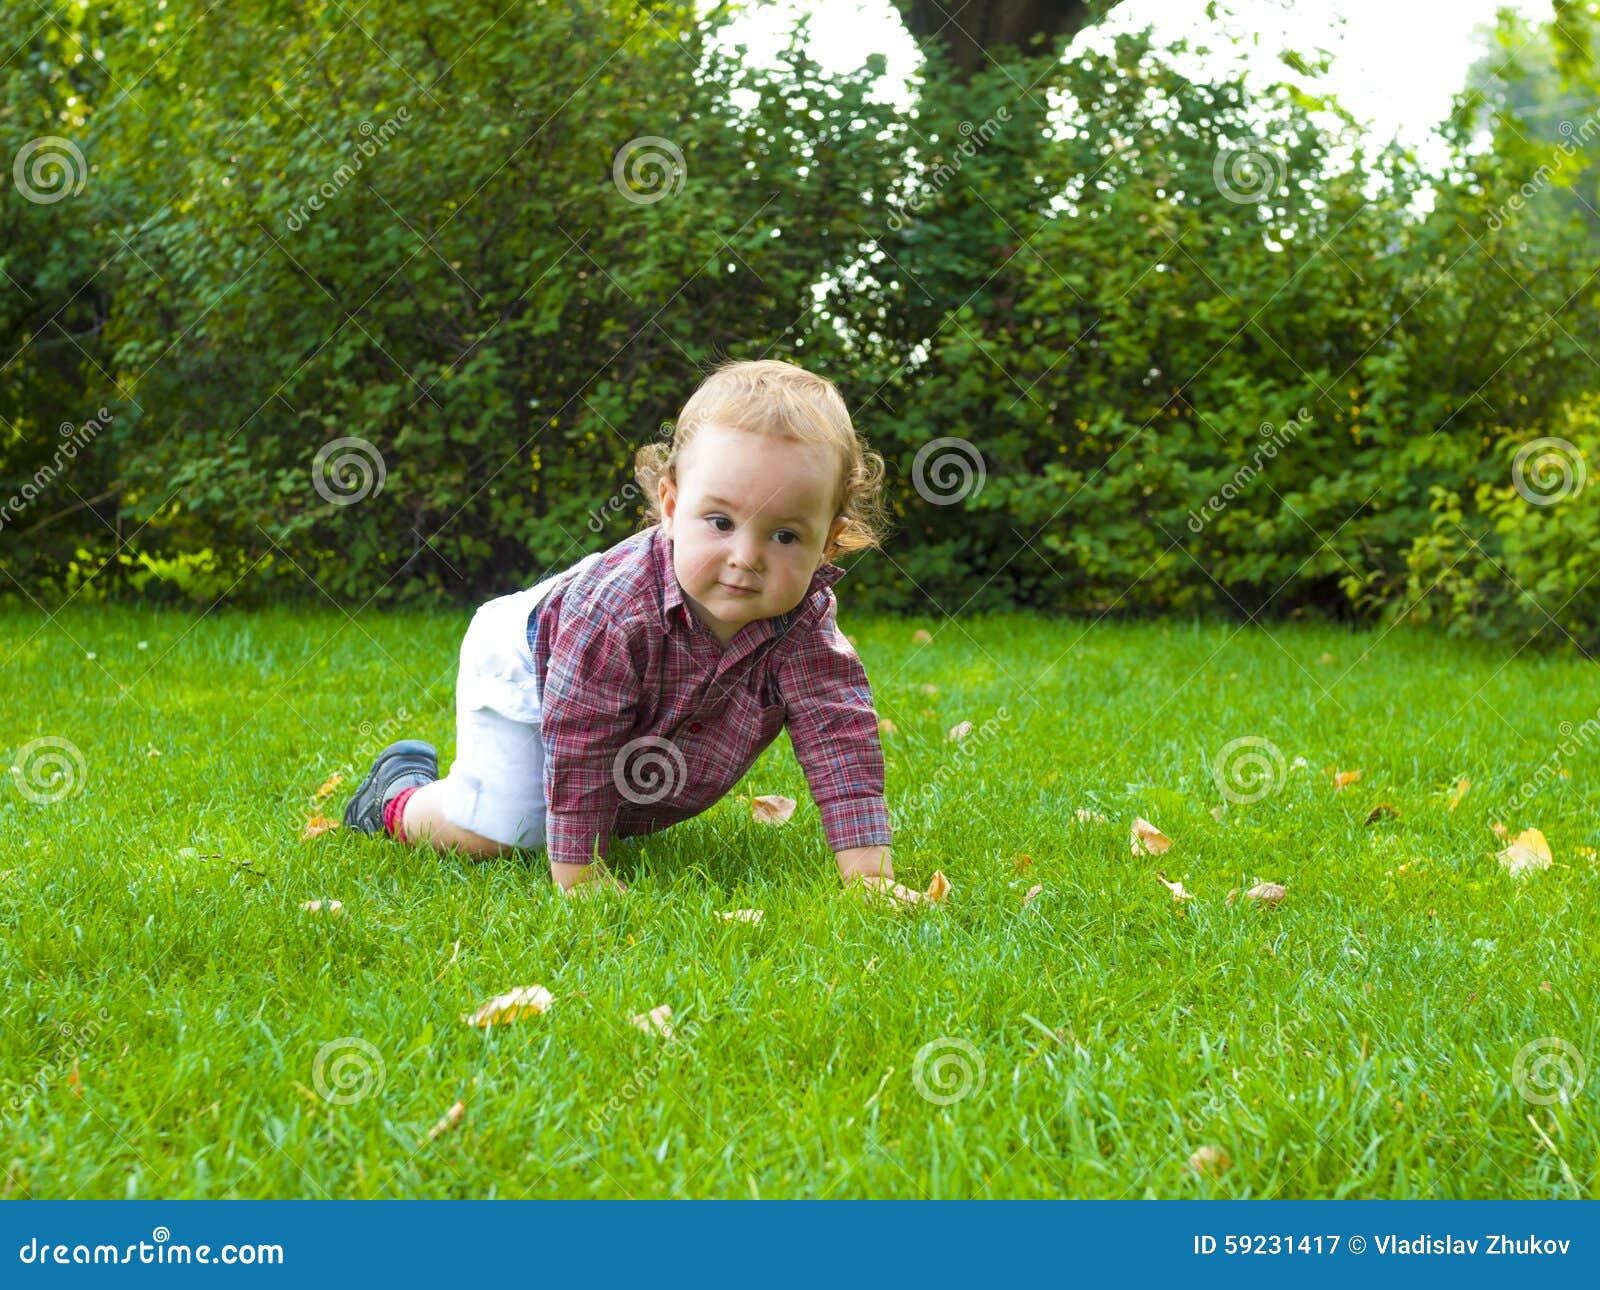 Download Un Bebé Que Se Arrastra En La Hierba Imagen de archivo - Imagen de día, alegre: 59231417